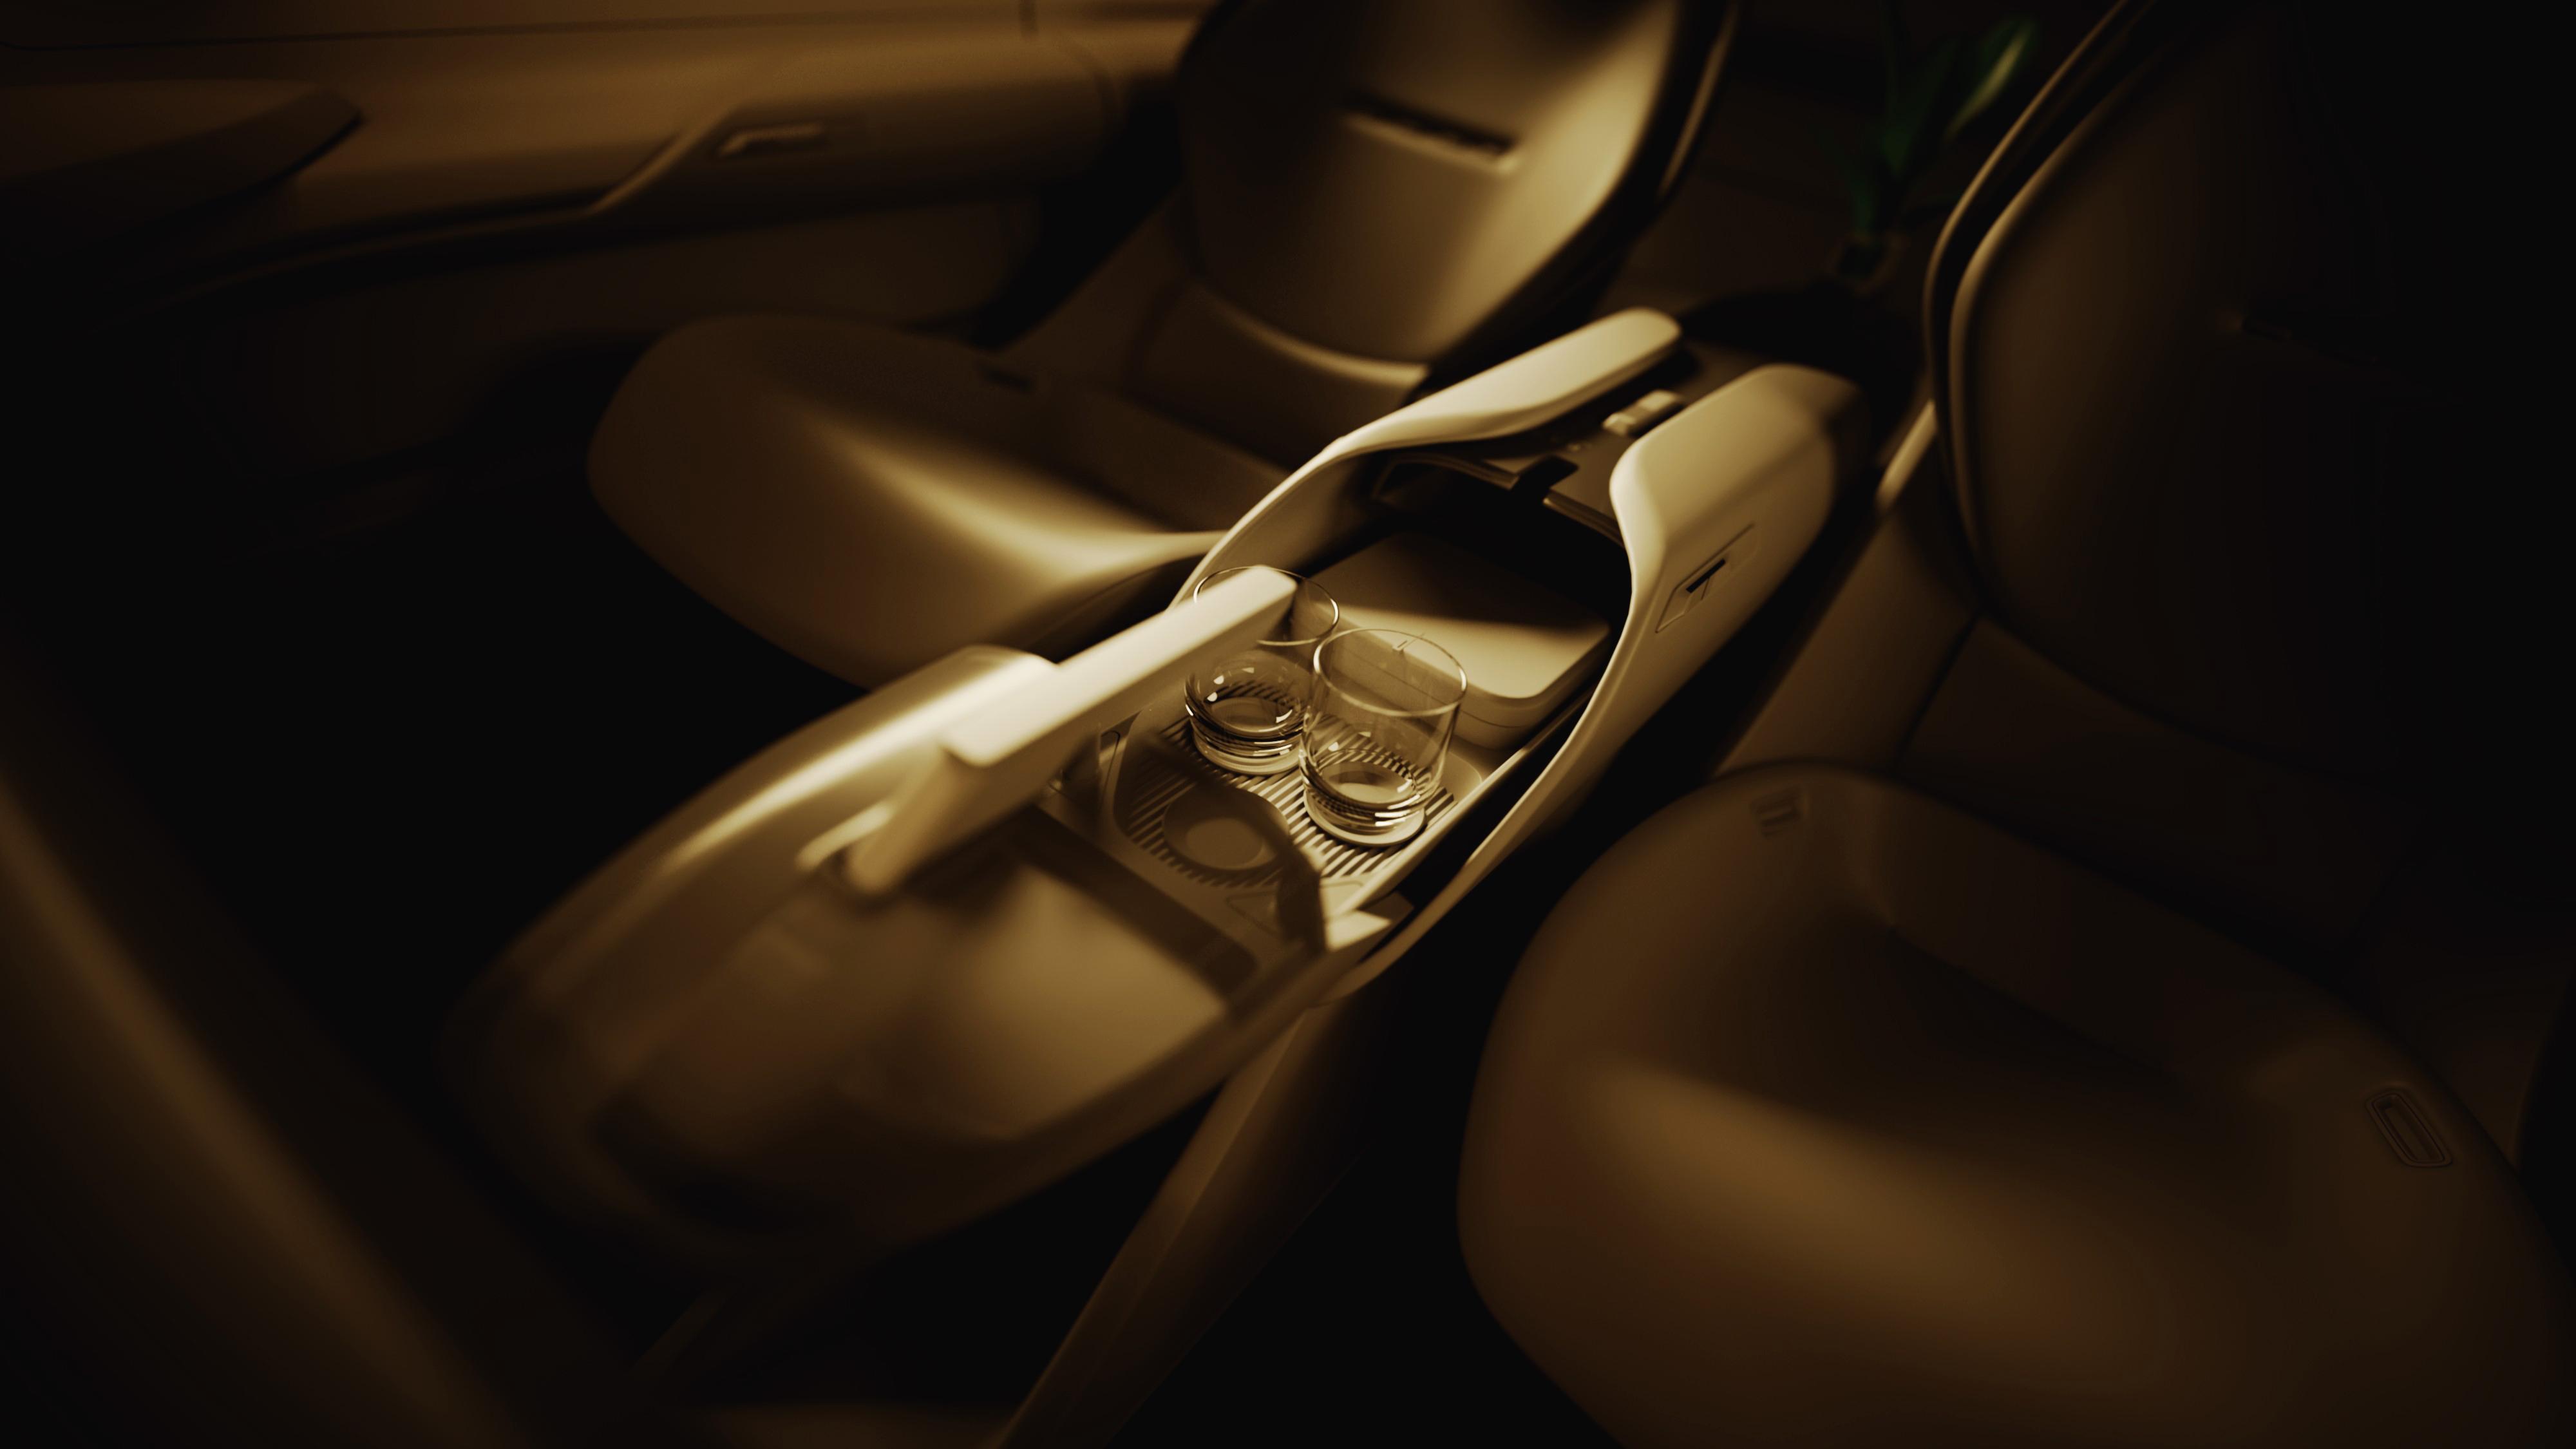 Interior of Audi Grandsphere